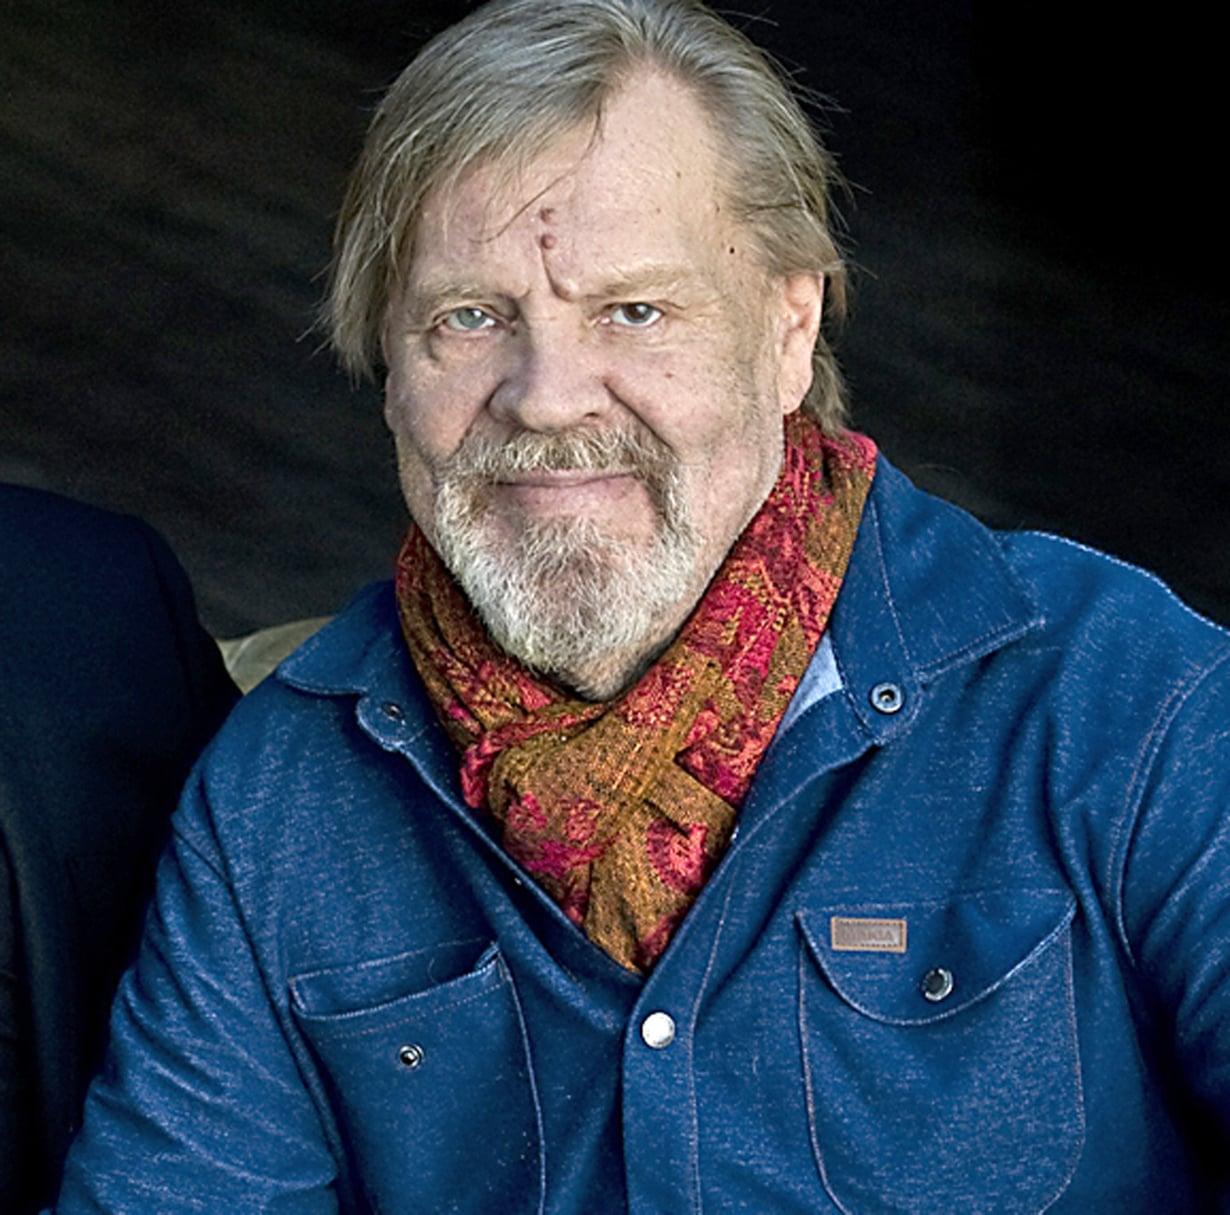 Vesa-Matti Loiri kertoi Hjallis-ohjelman kuvauksissa painaneensa pahimmillaan 154 kiloa. Vatsalaukun ohitusleikkauksen jälkeen paino on pudonnut 70 kiloa. Kuva: Sakari Majantie